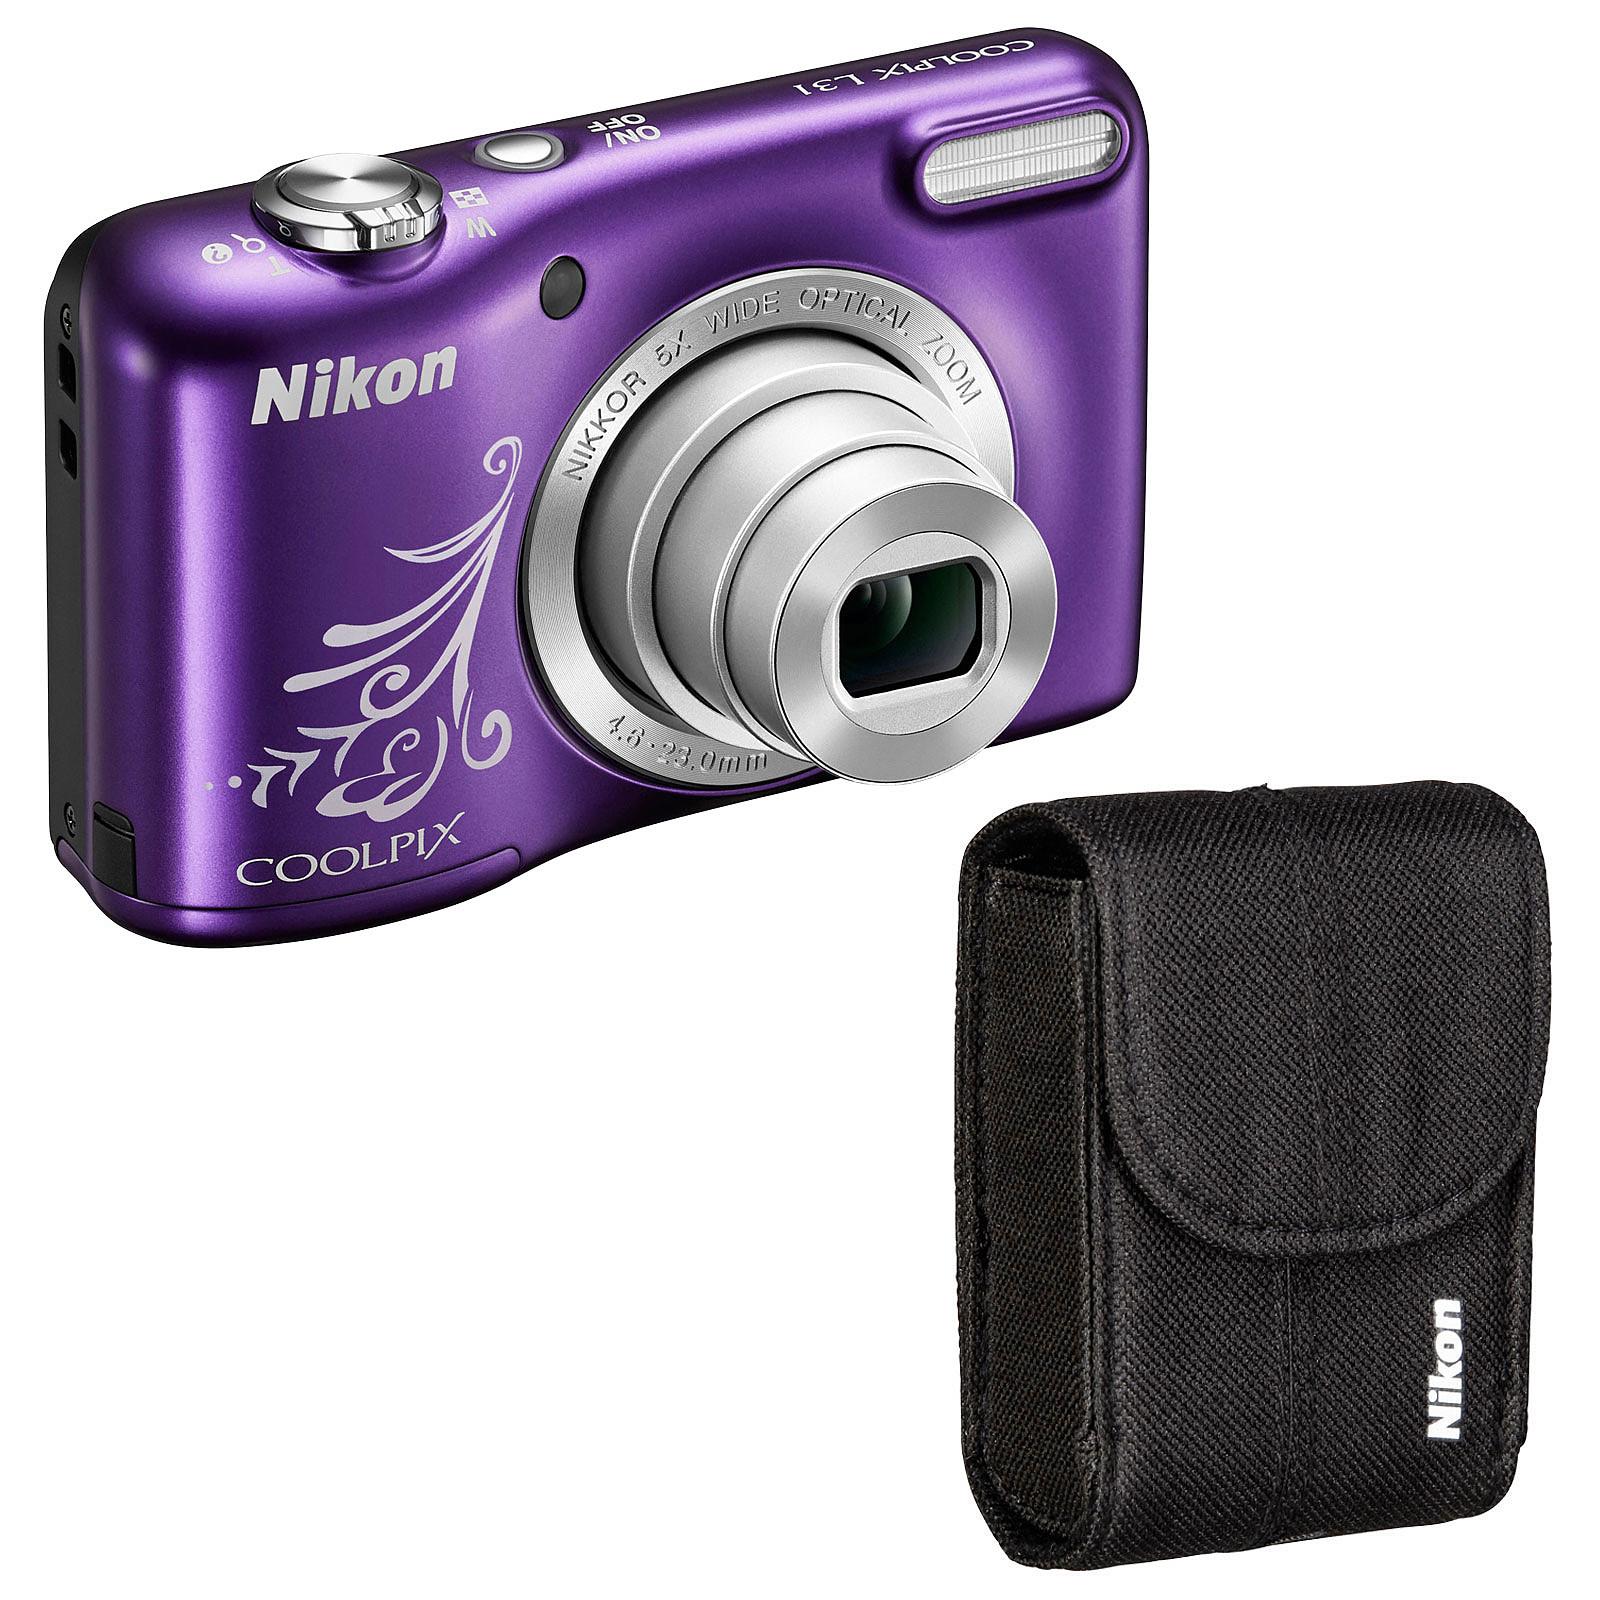 Nikon Coolpix L31 Kit Violet Line Art